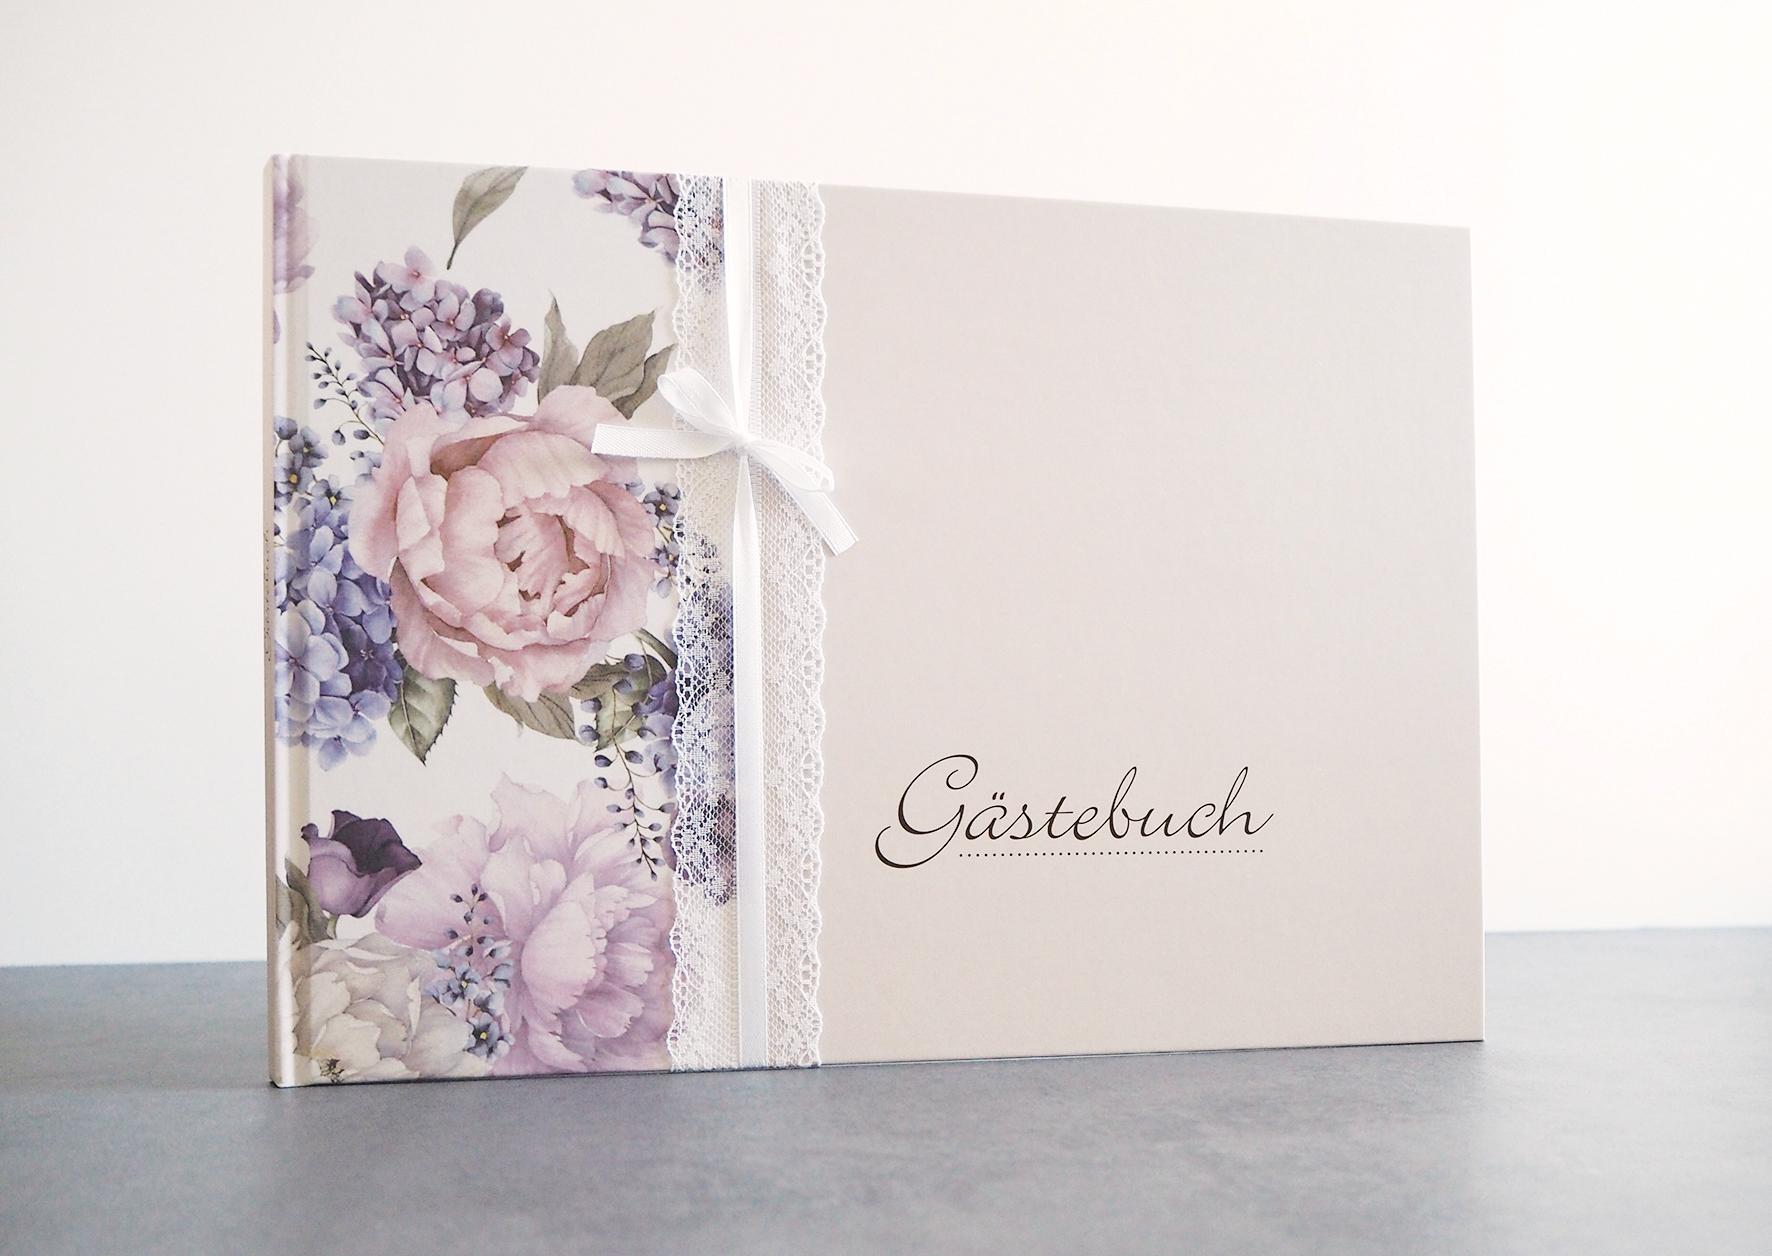 Gästebuch - Blumen (mit Blanko Seiten)